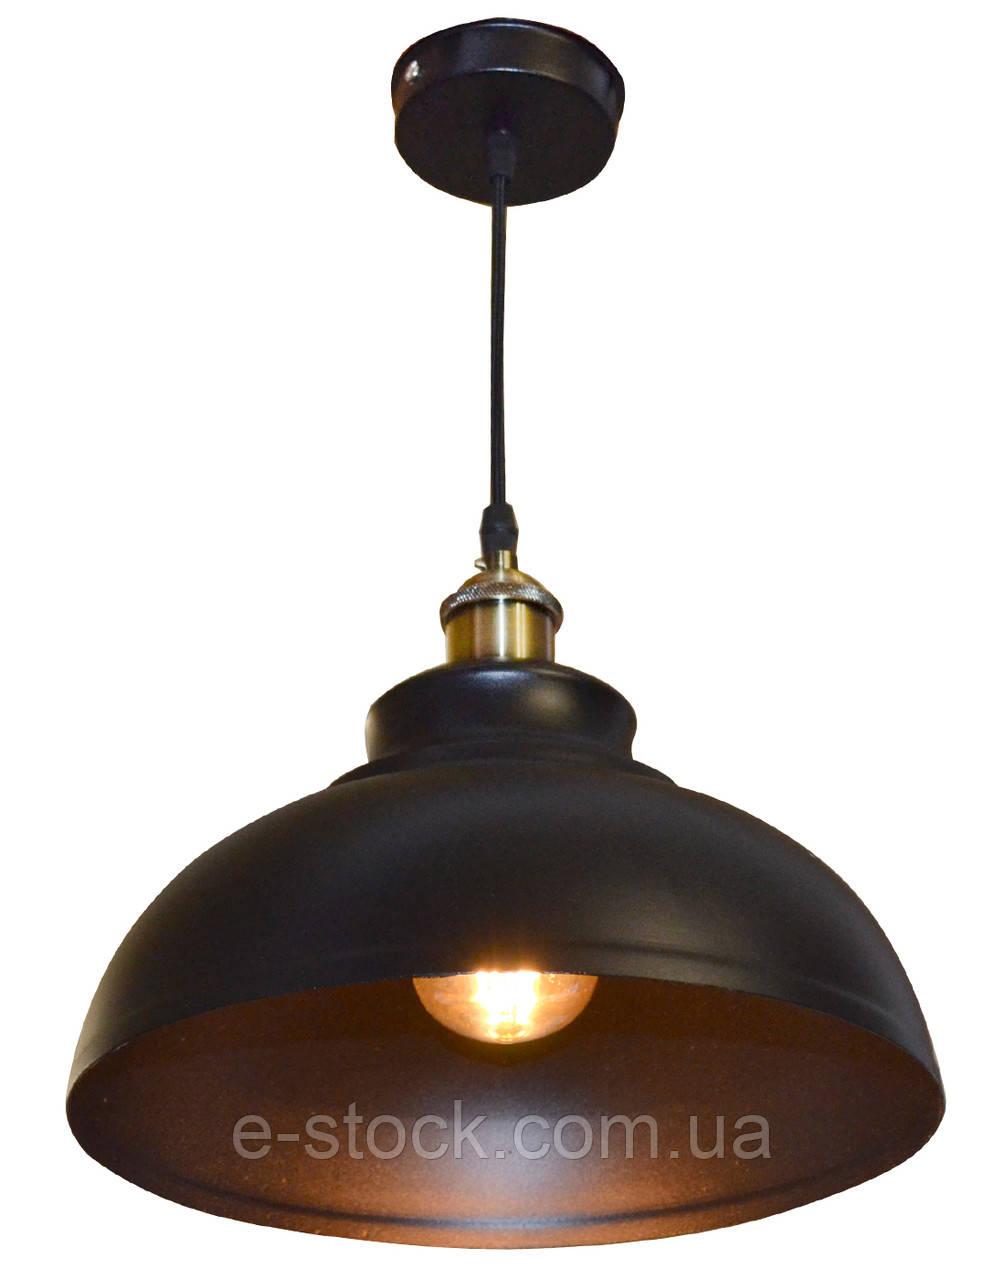 Светильник подвесной в стиле лофт NL 290 MSK Electric